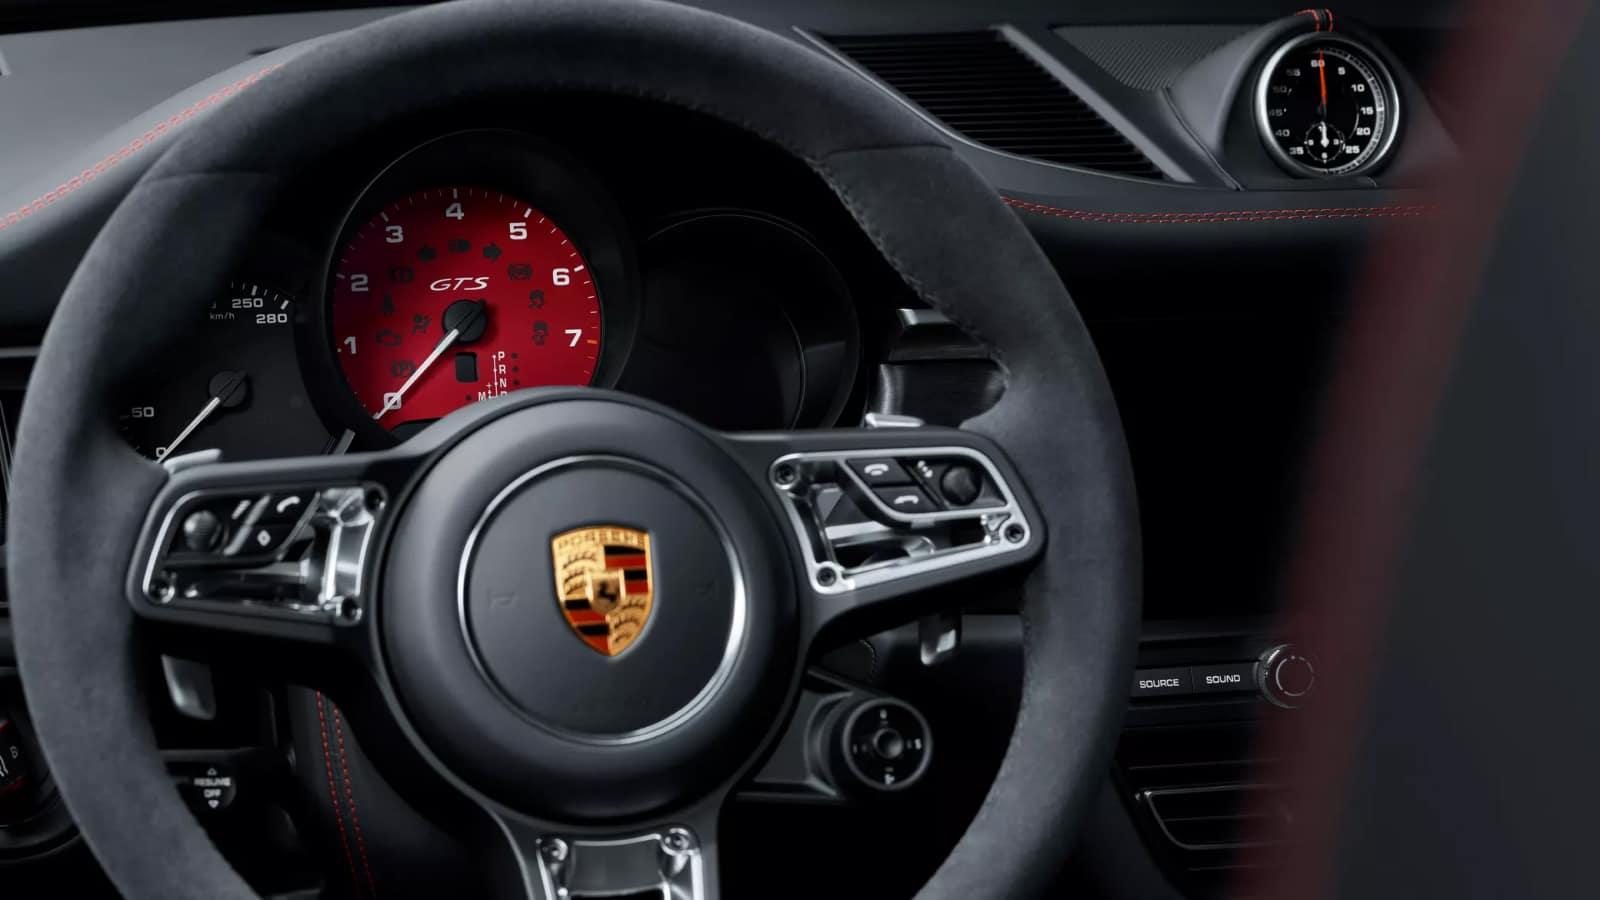 2020 Porsche Macan Technology